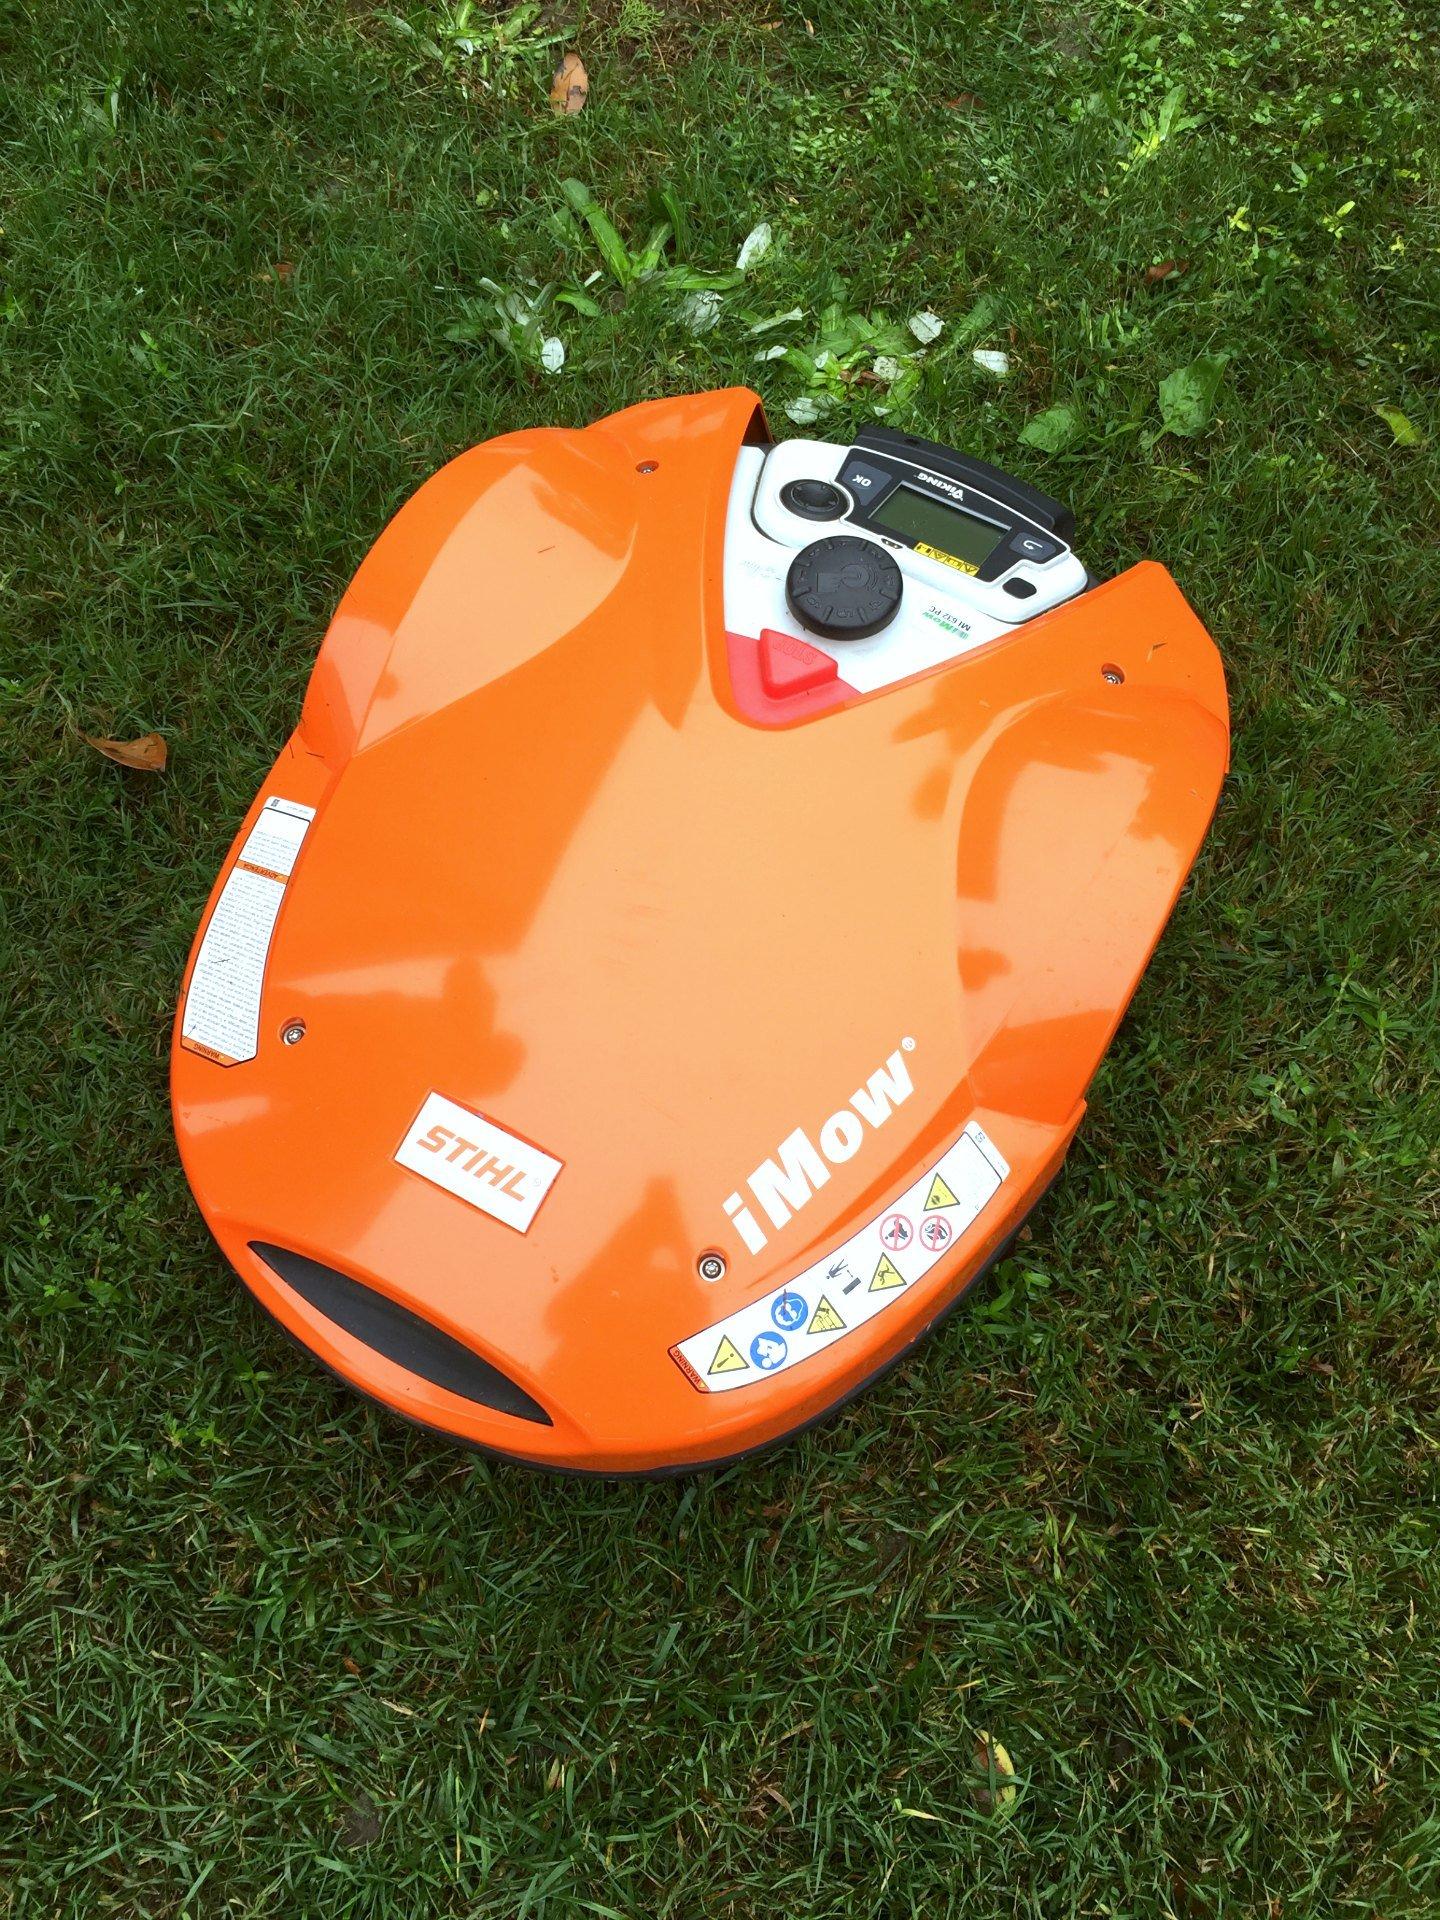 STIHL iMow robot lawn mower